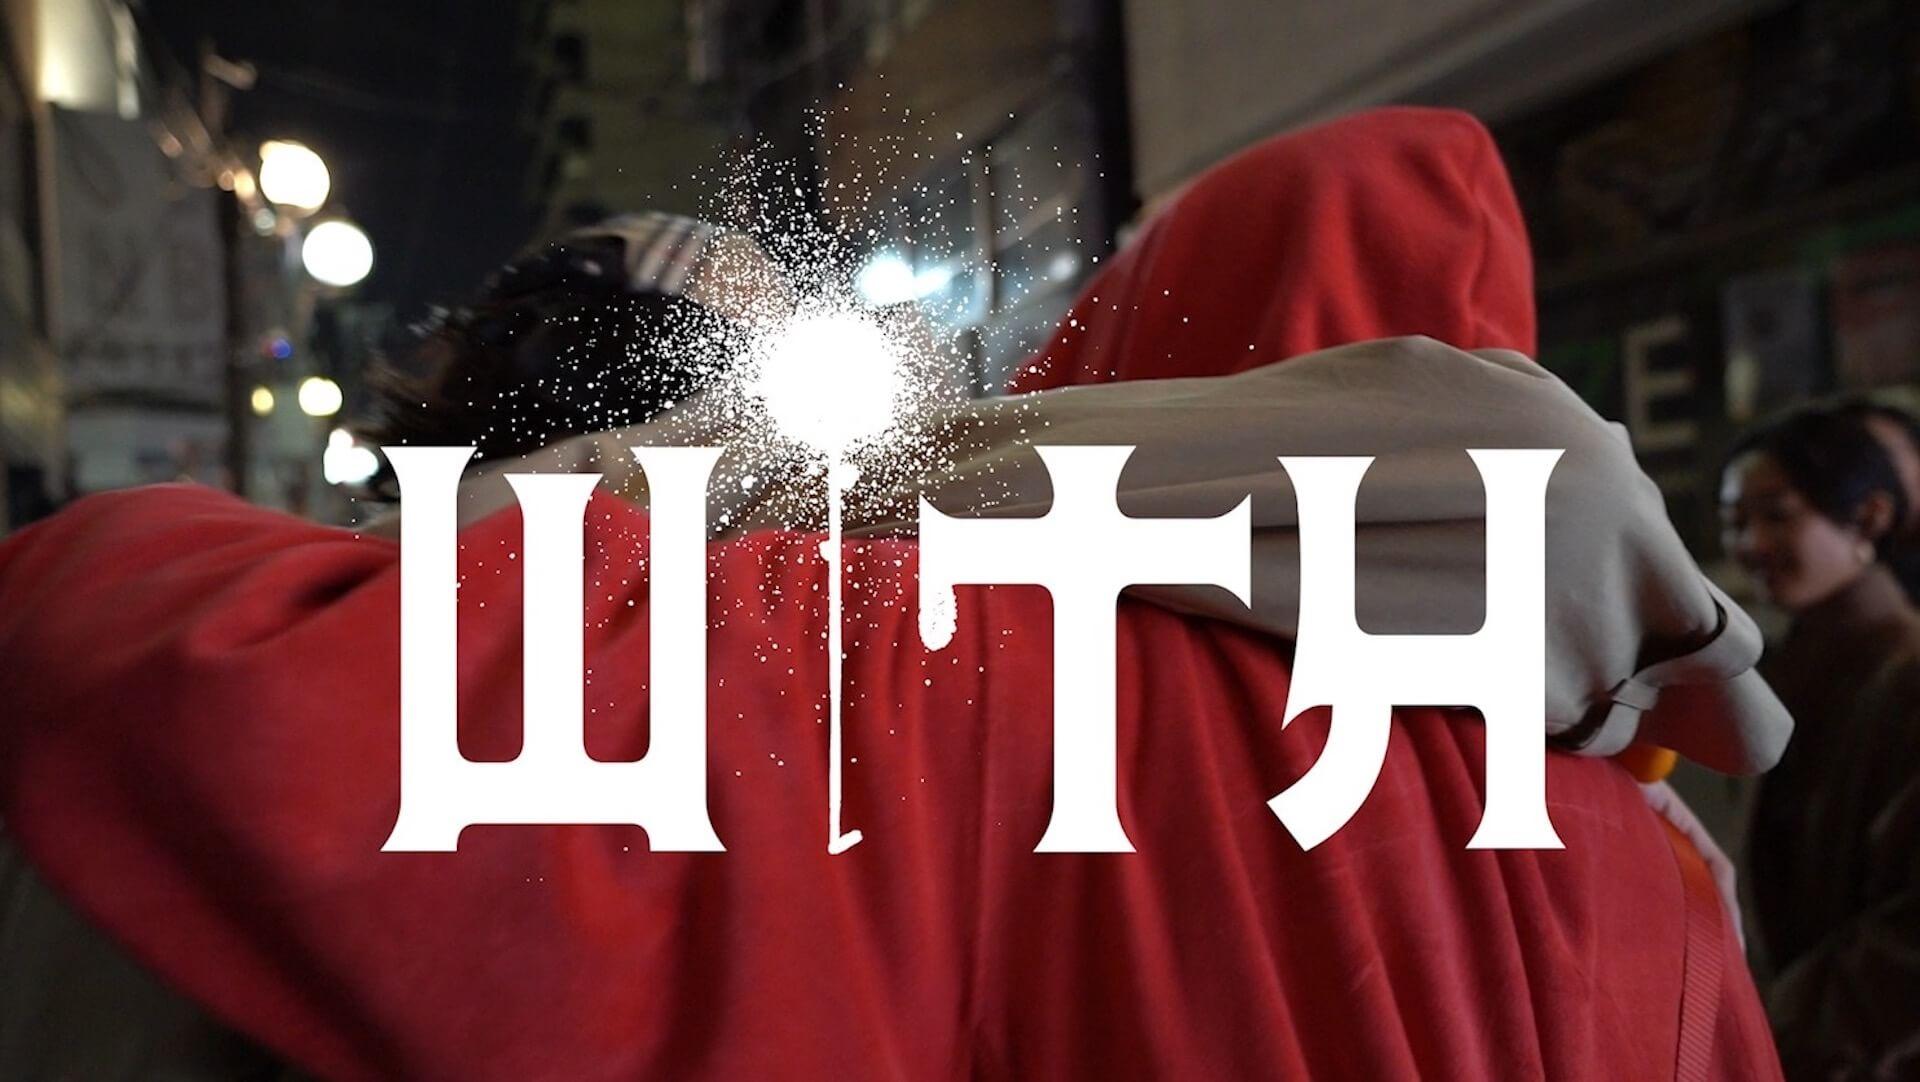 GEZANとマヒト監督の映画『i ai』に迫るドキュメンタリー『#WiTH』が期間限定で公開|森山未來、平体雄二らも参加 film210921_iai_2